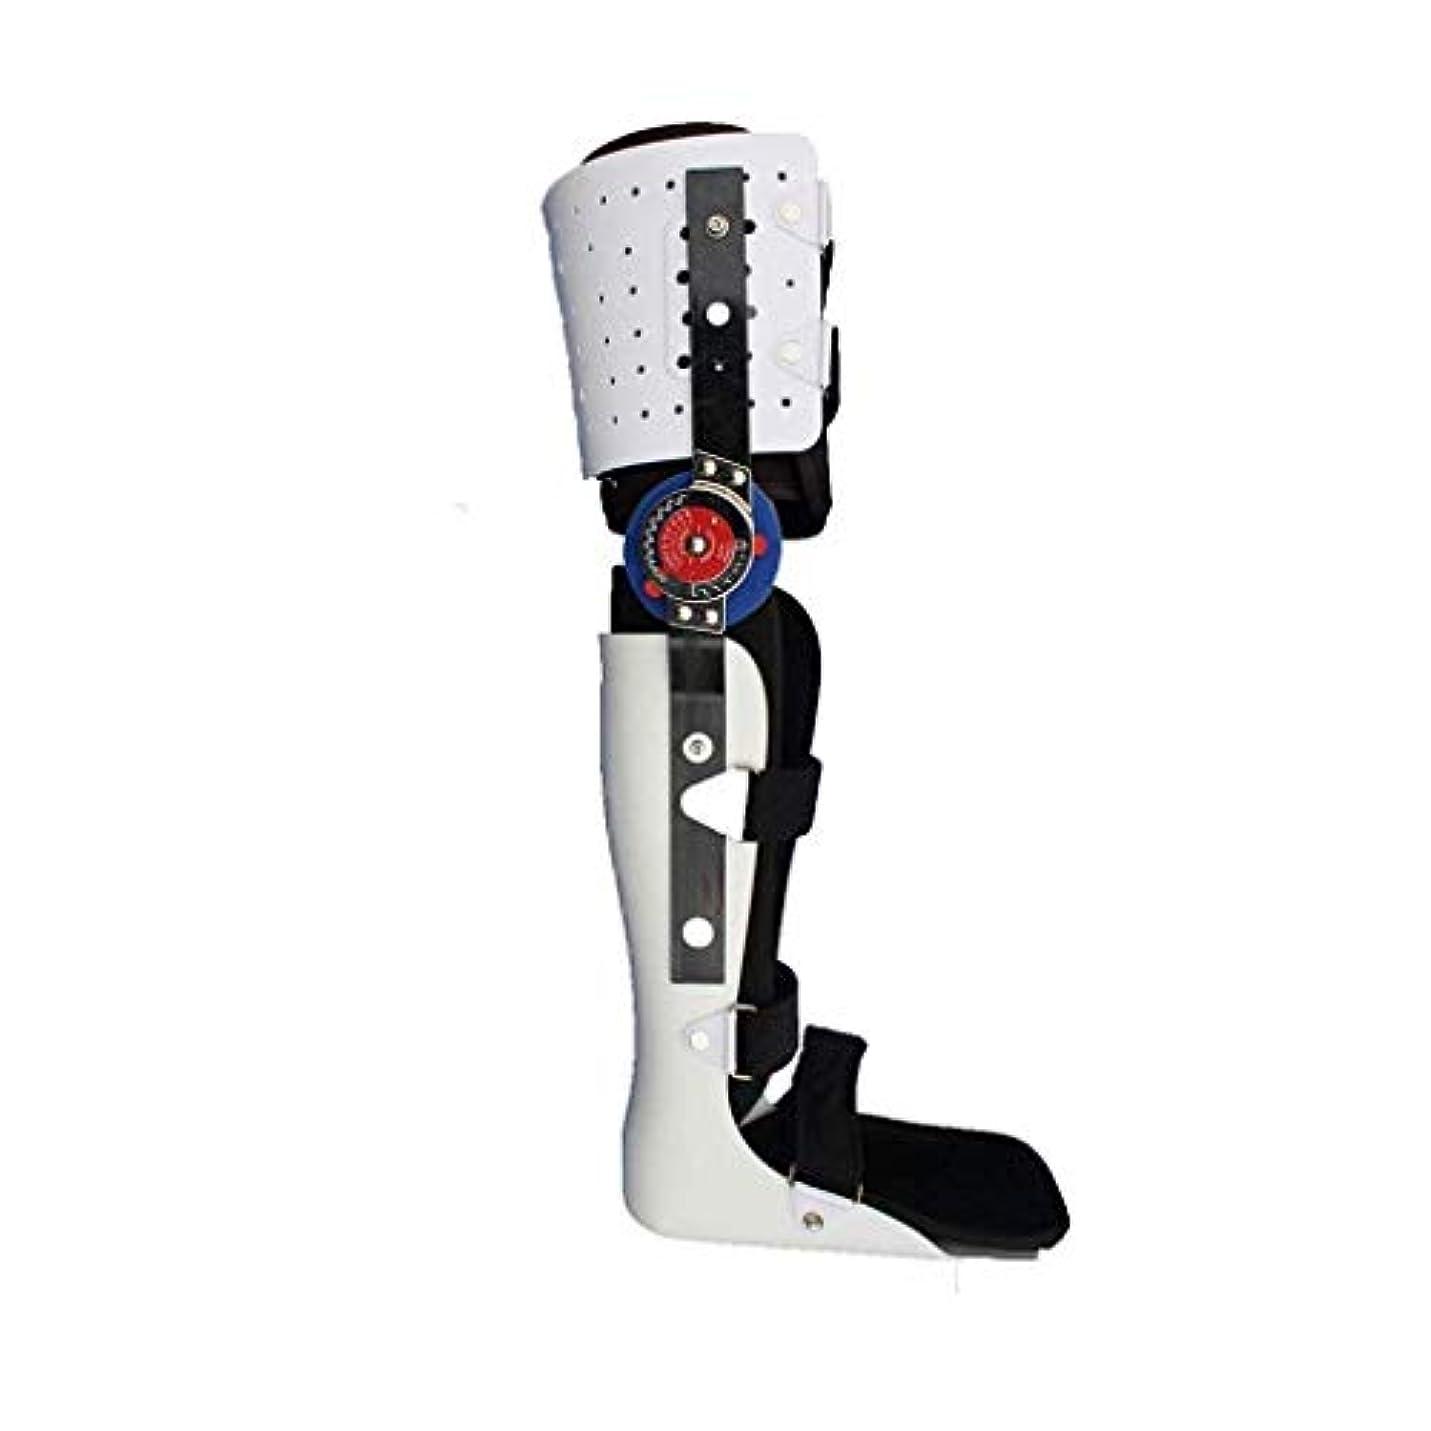 より良いコミュニケーションリスト下肢装具、ブレースウォーキング膝や足固定ブレース膝関節足首足Spportと下肢装具のサイズ(S/M/L) (Size : L)